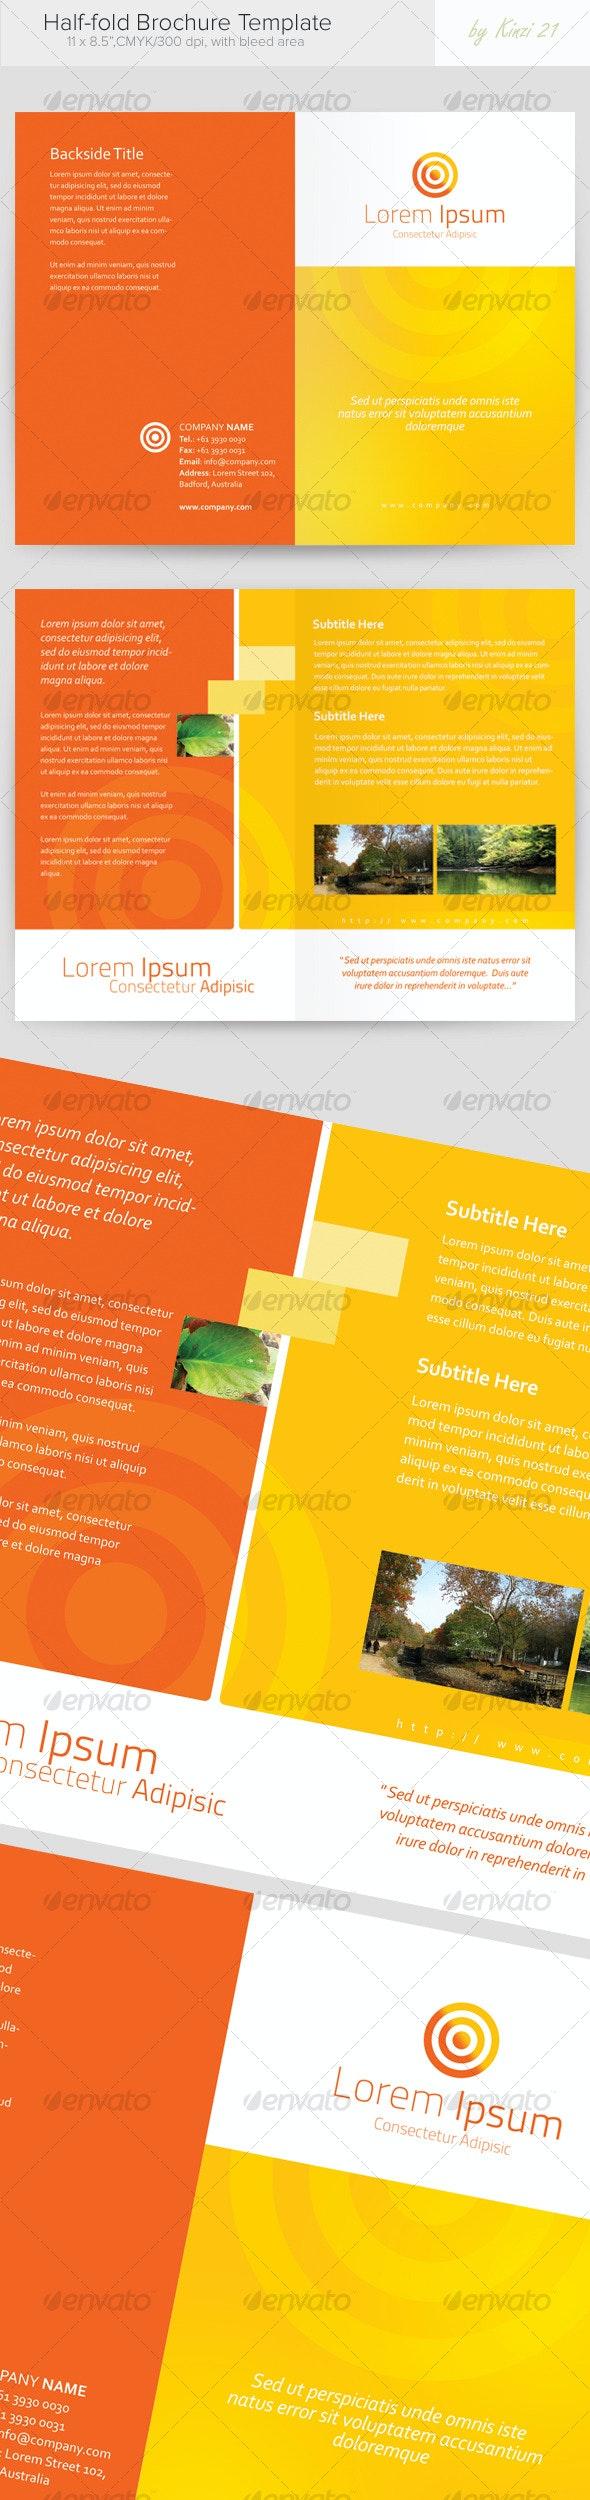 Half-fold Brochure Template - Corporate Brochures